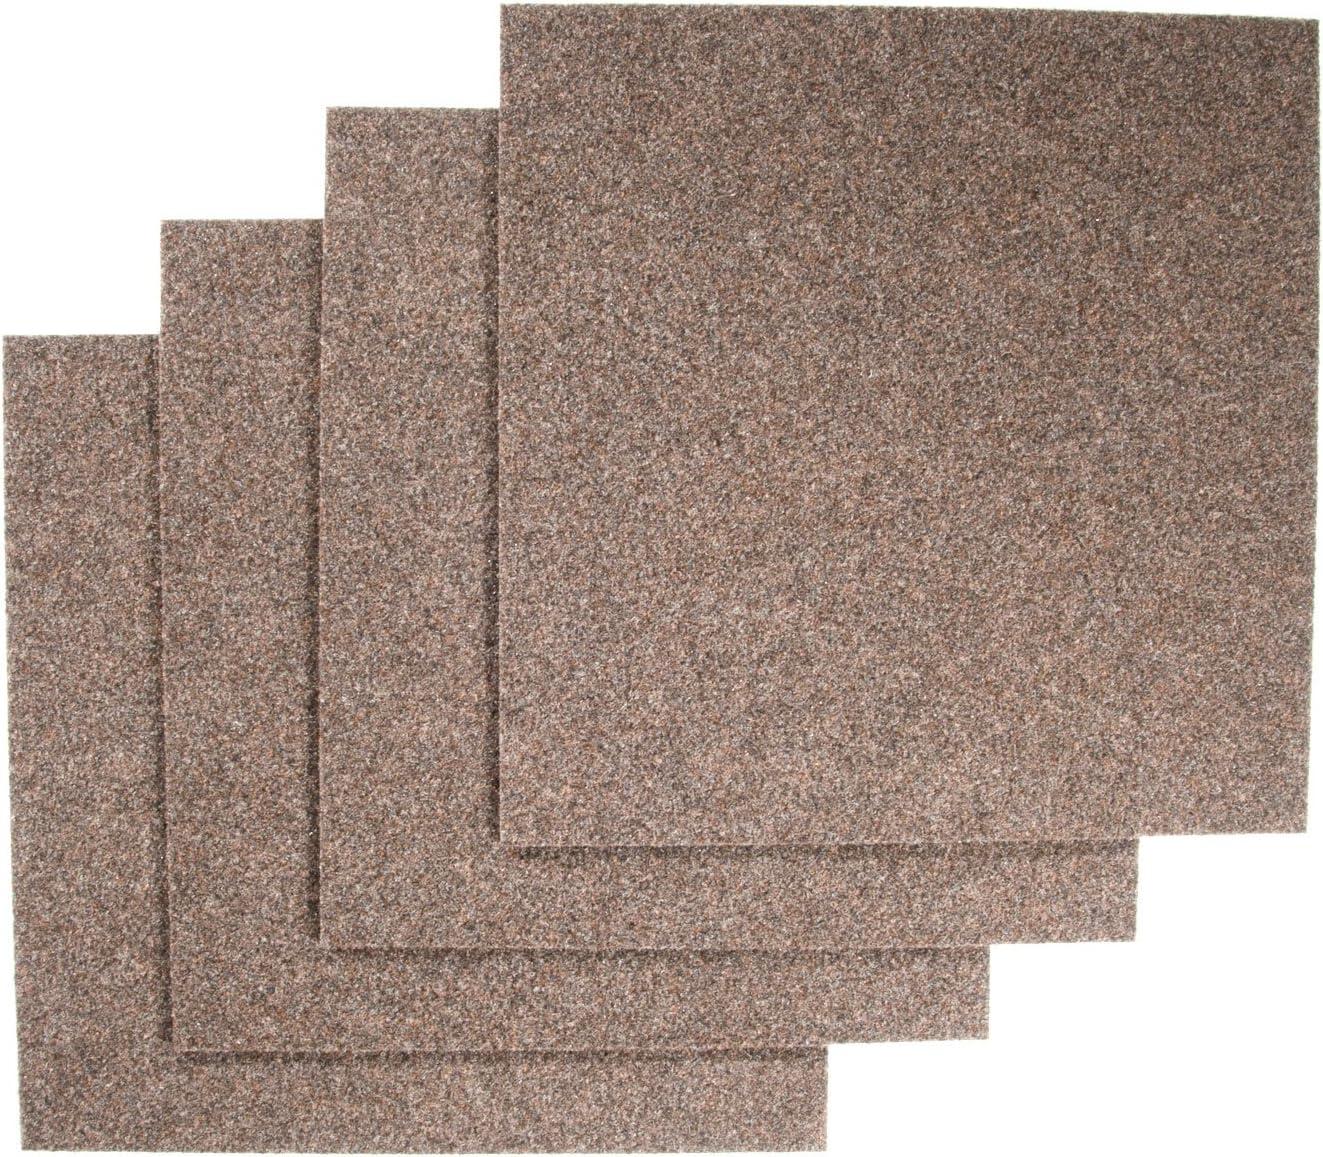 Floori Teppichfliesen Jazz Set Beige 2,5kg//m/², antistatisch, bitum Premiumklasse